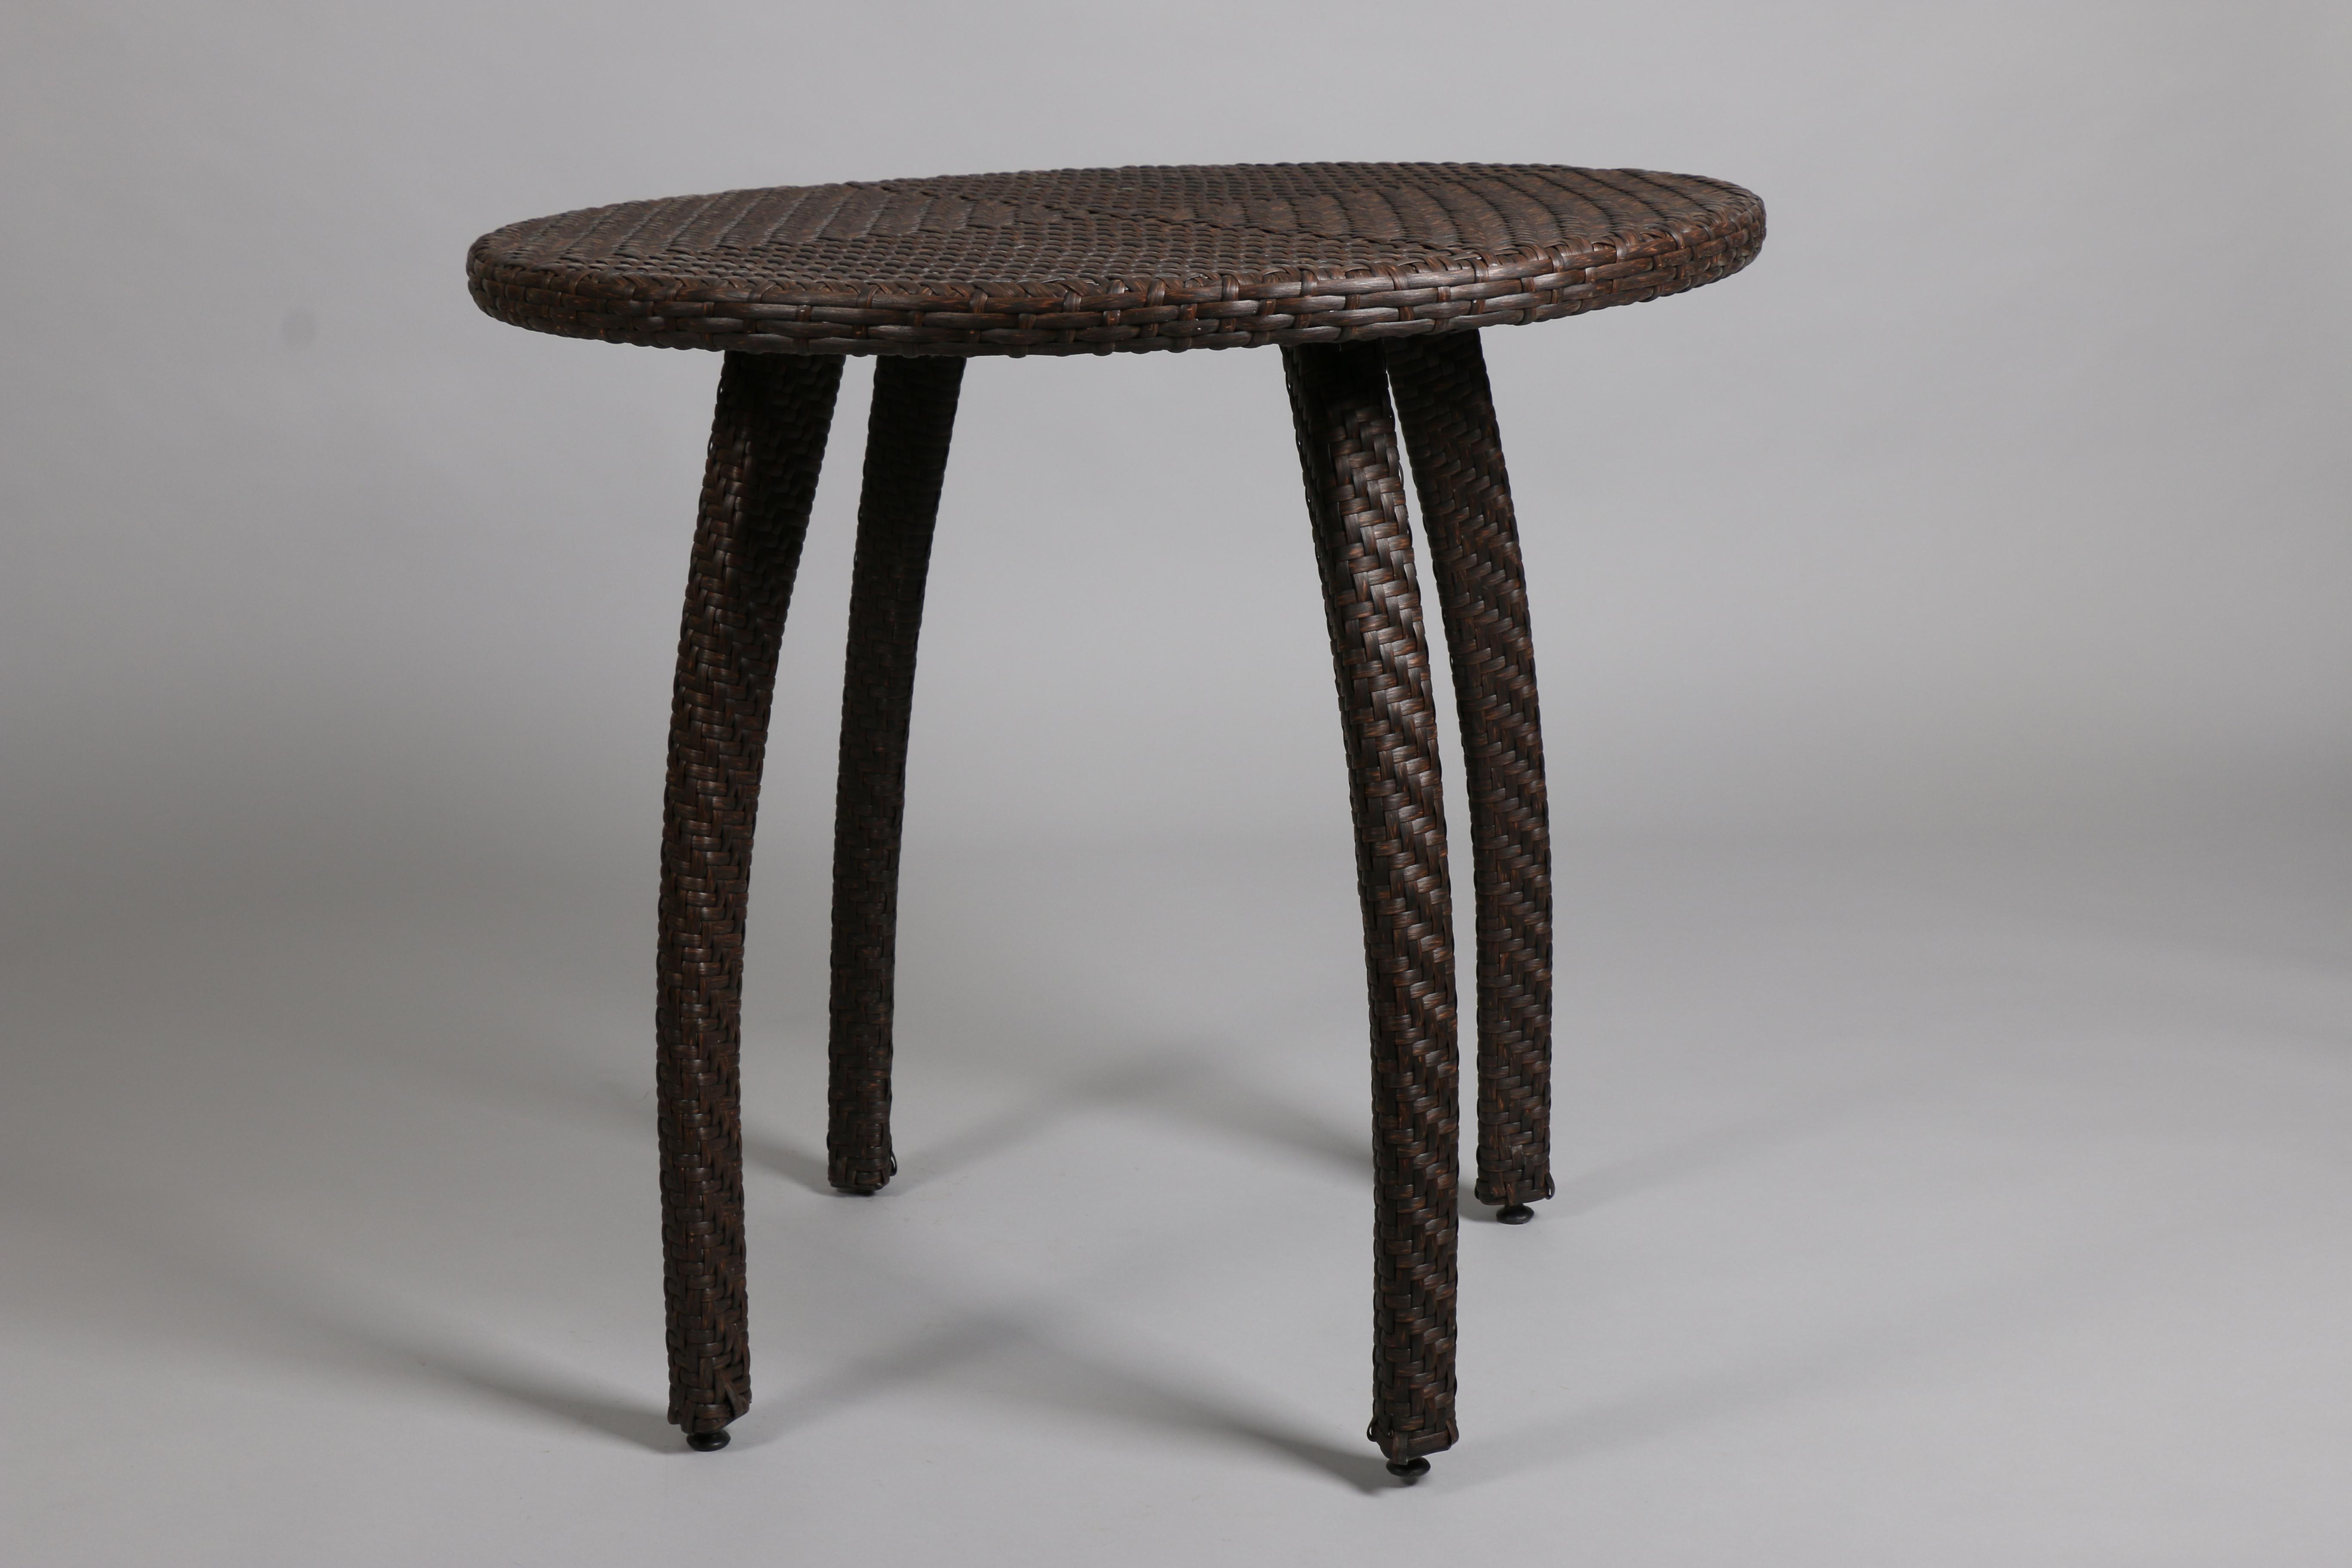 кафява алуминиева маса с изкуствен ратан